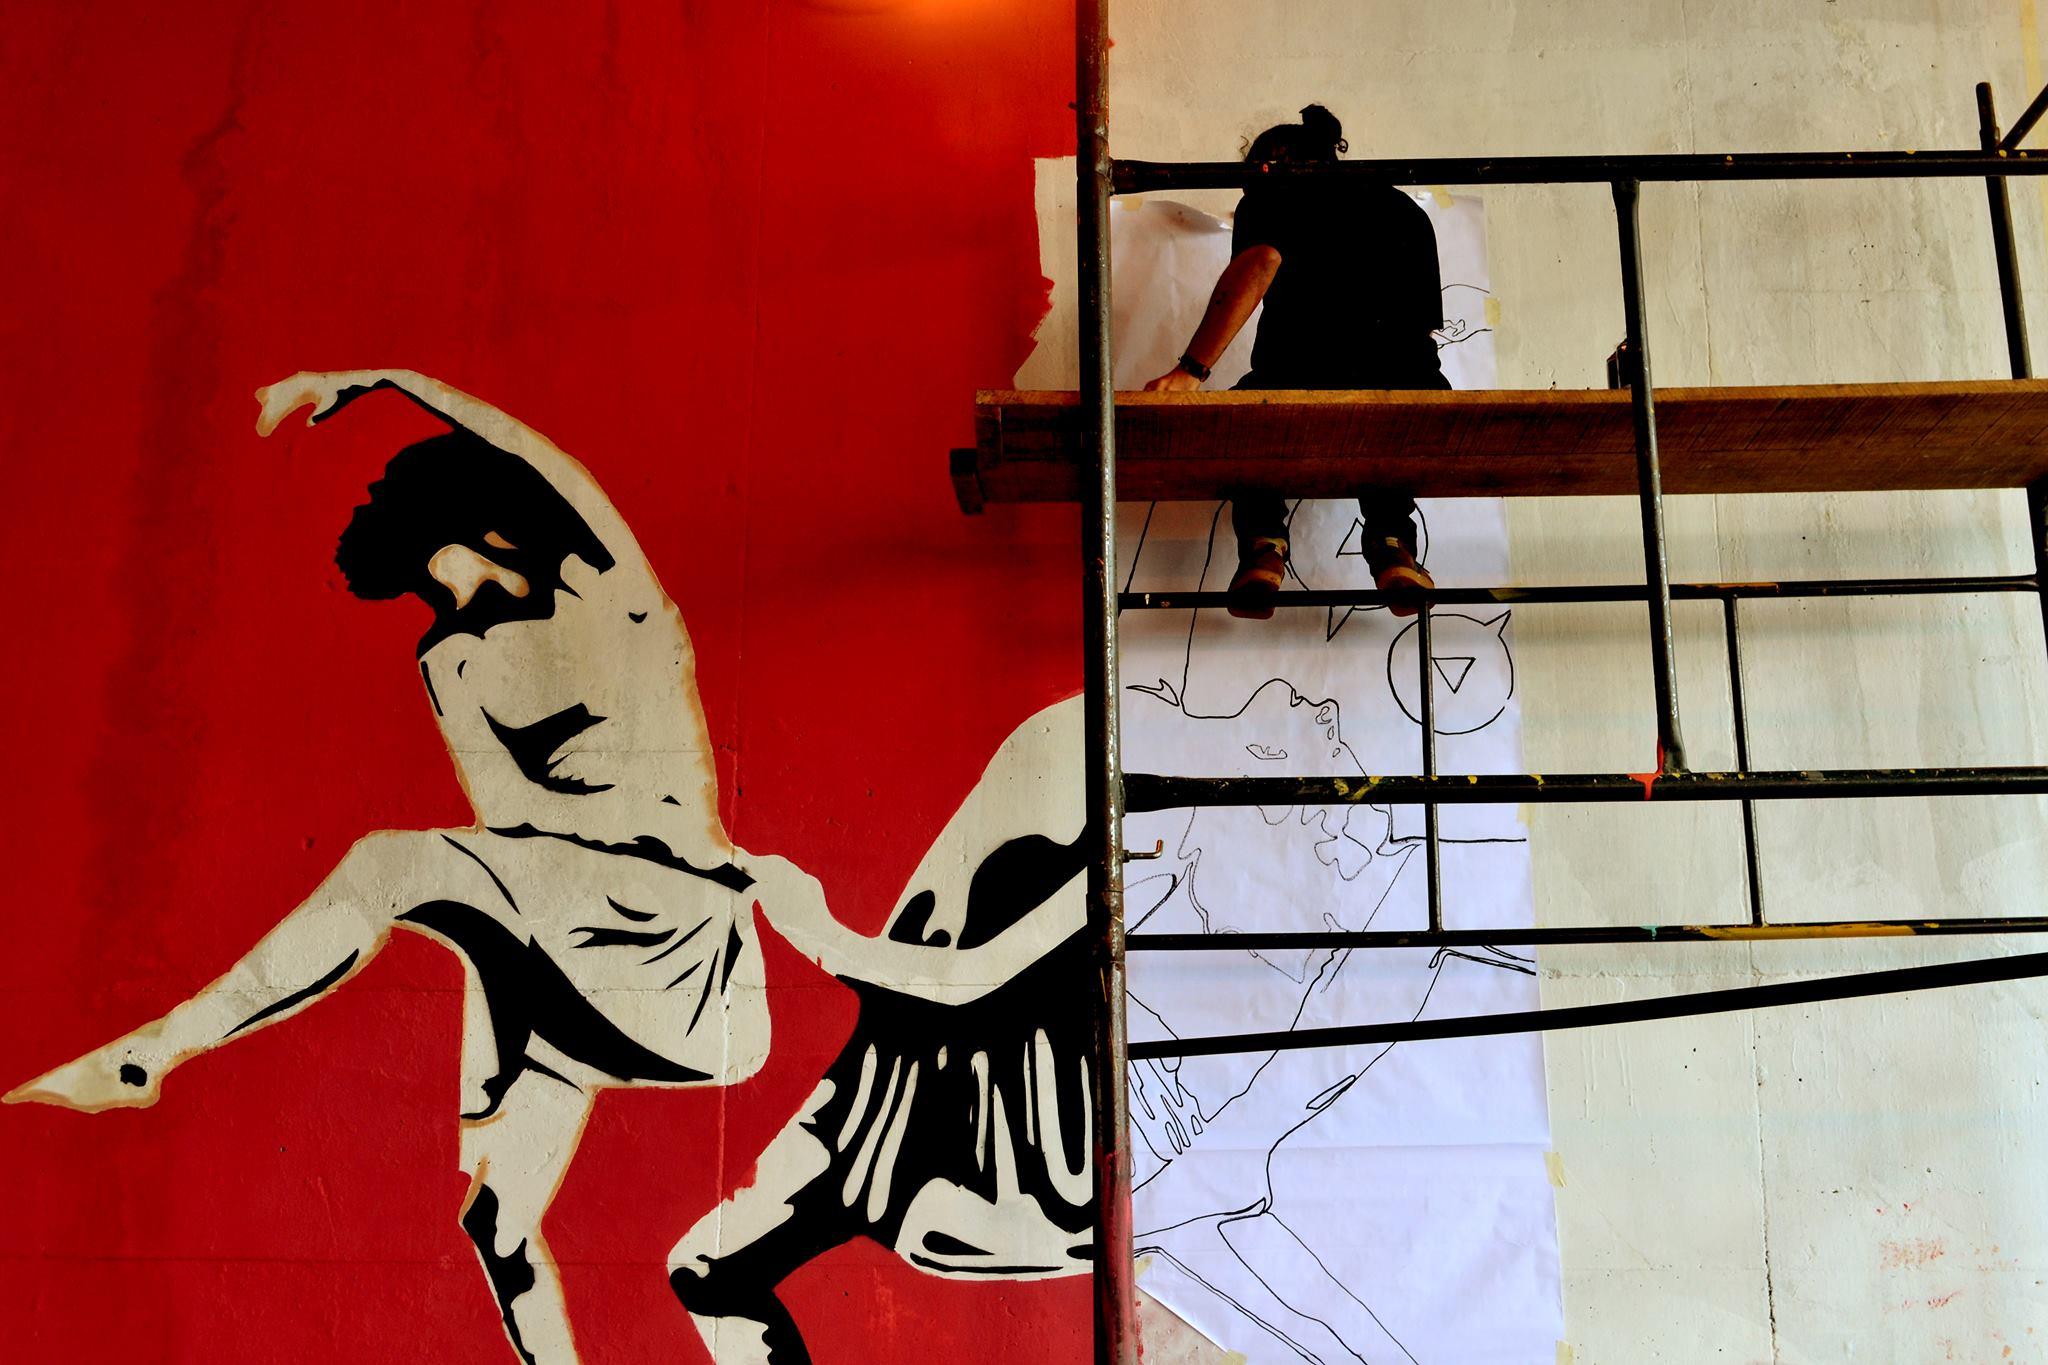 tom-pina-stencil-dionisio-arte-08